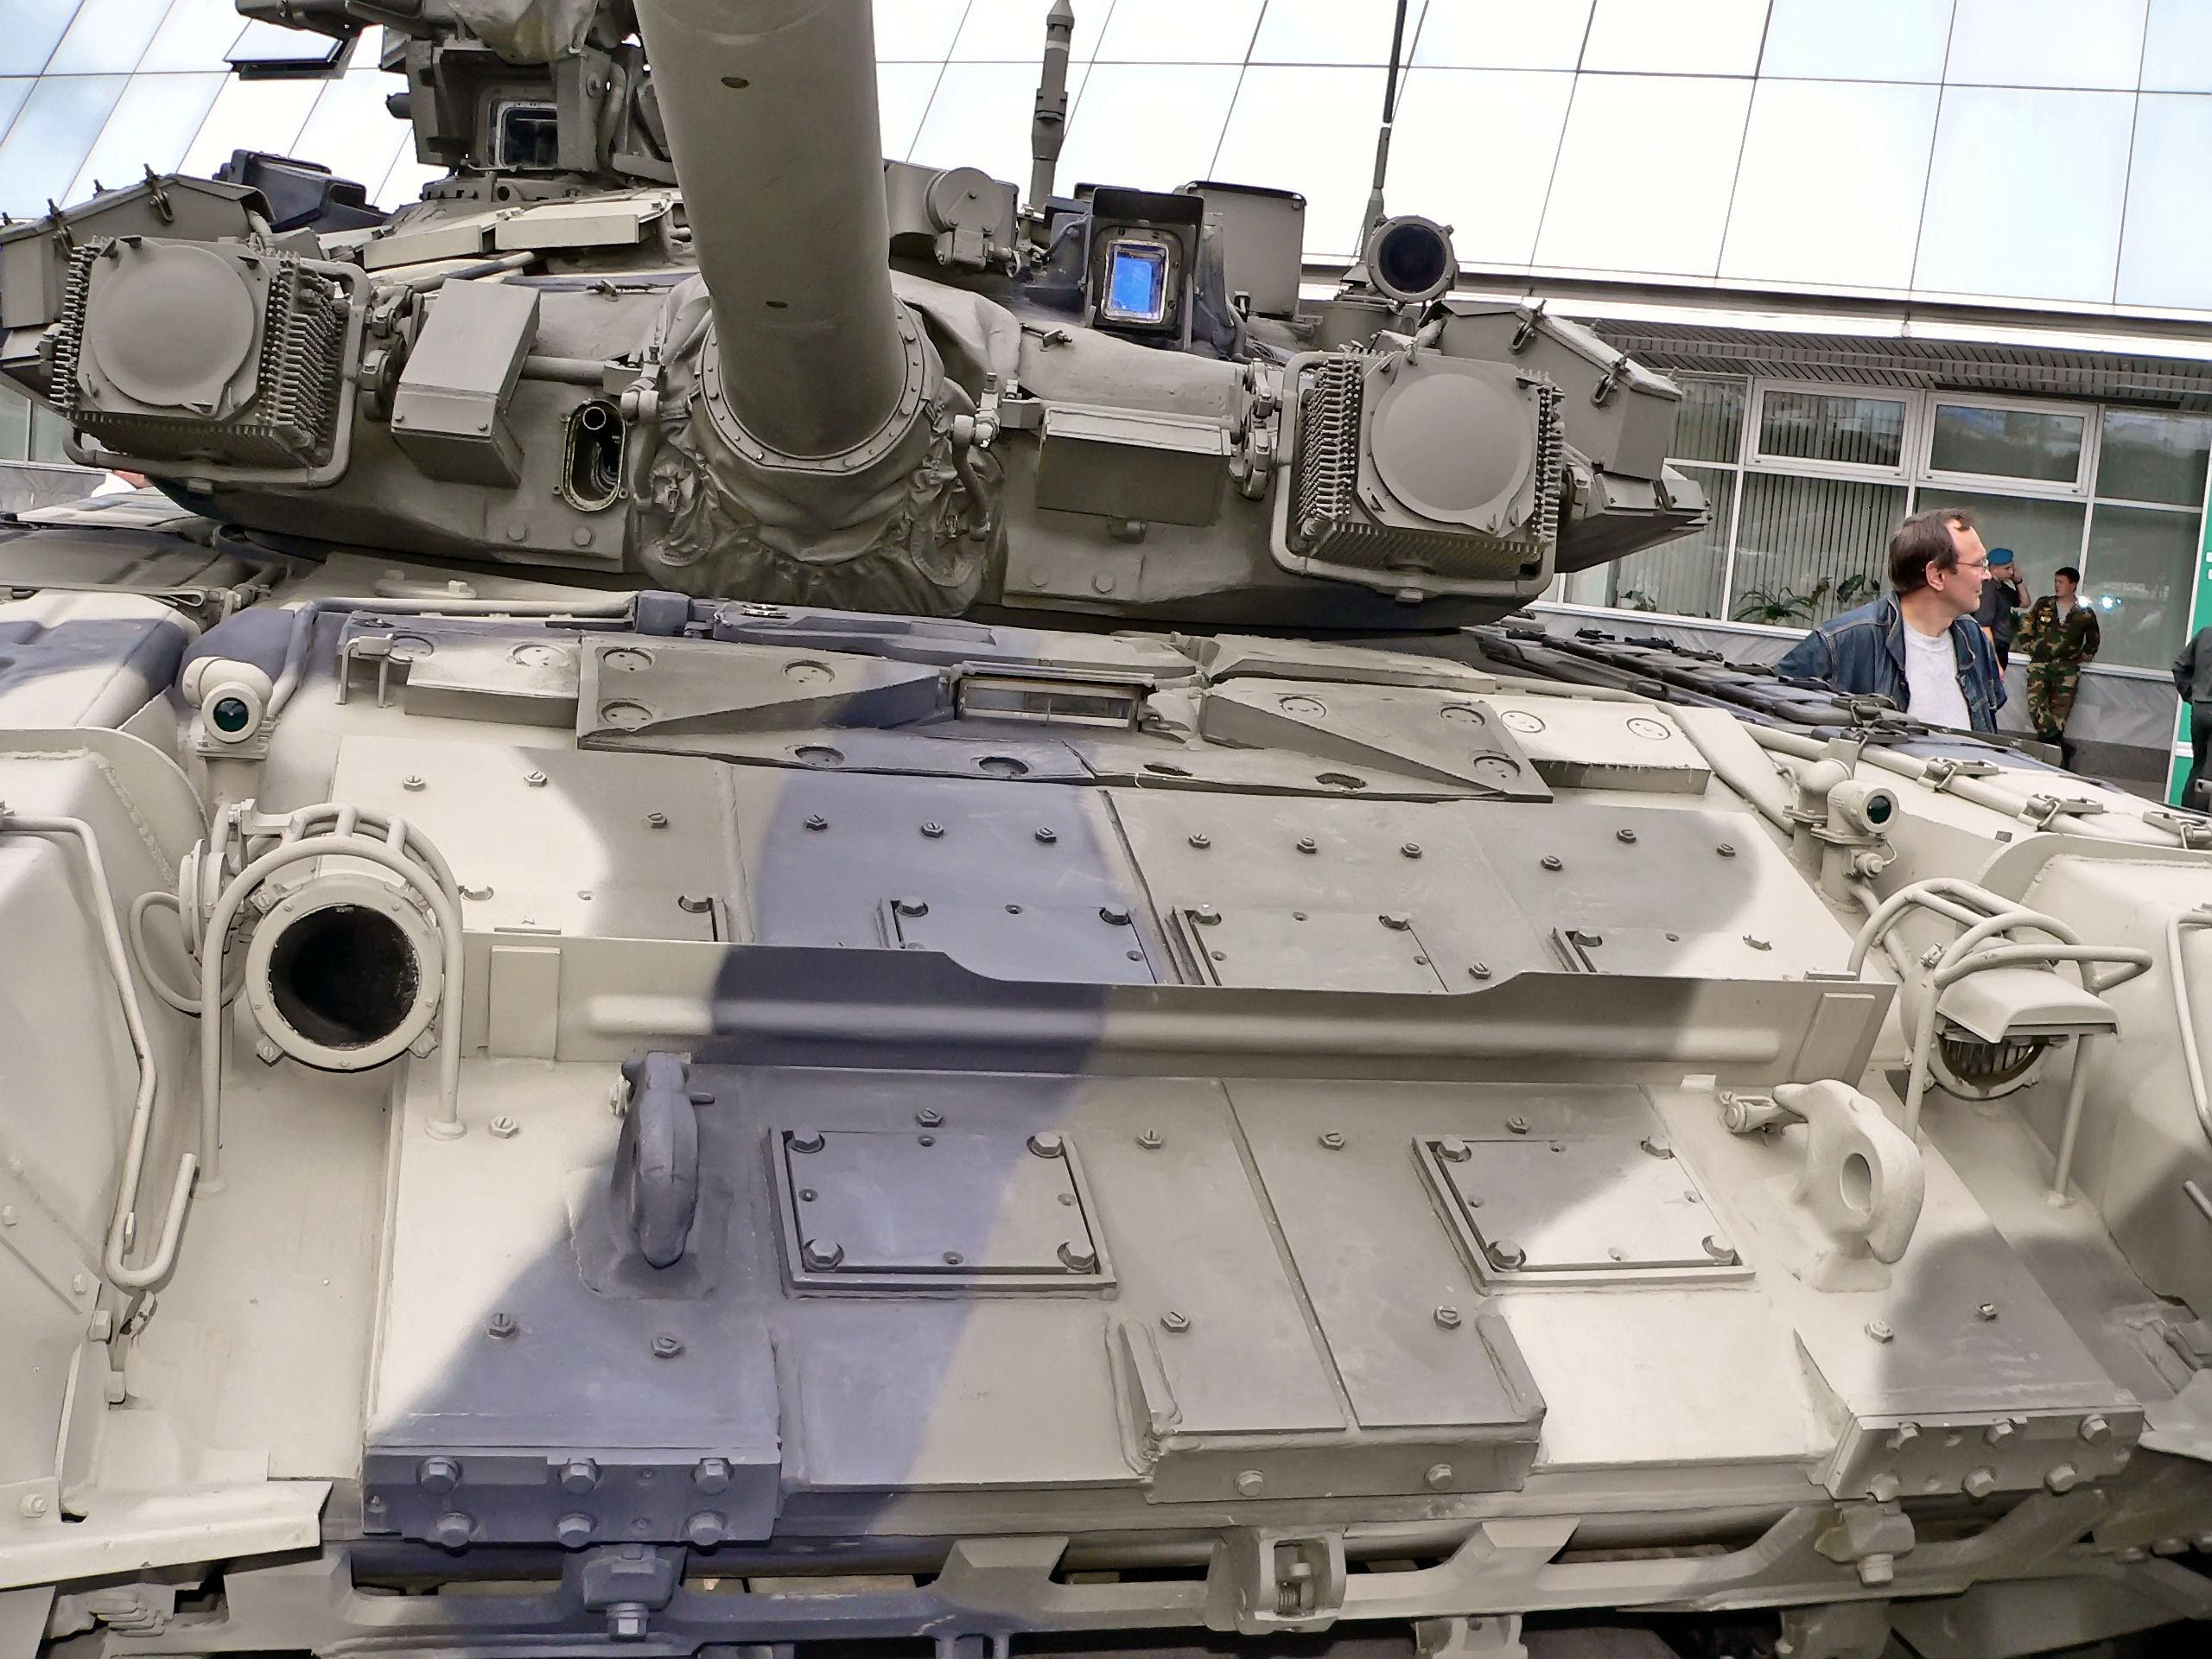 2015 - الجزائر تستلم حزمة ثالثة  من  [ دبابات T-90  ]   - صفحة 6 T-90_001_of_261